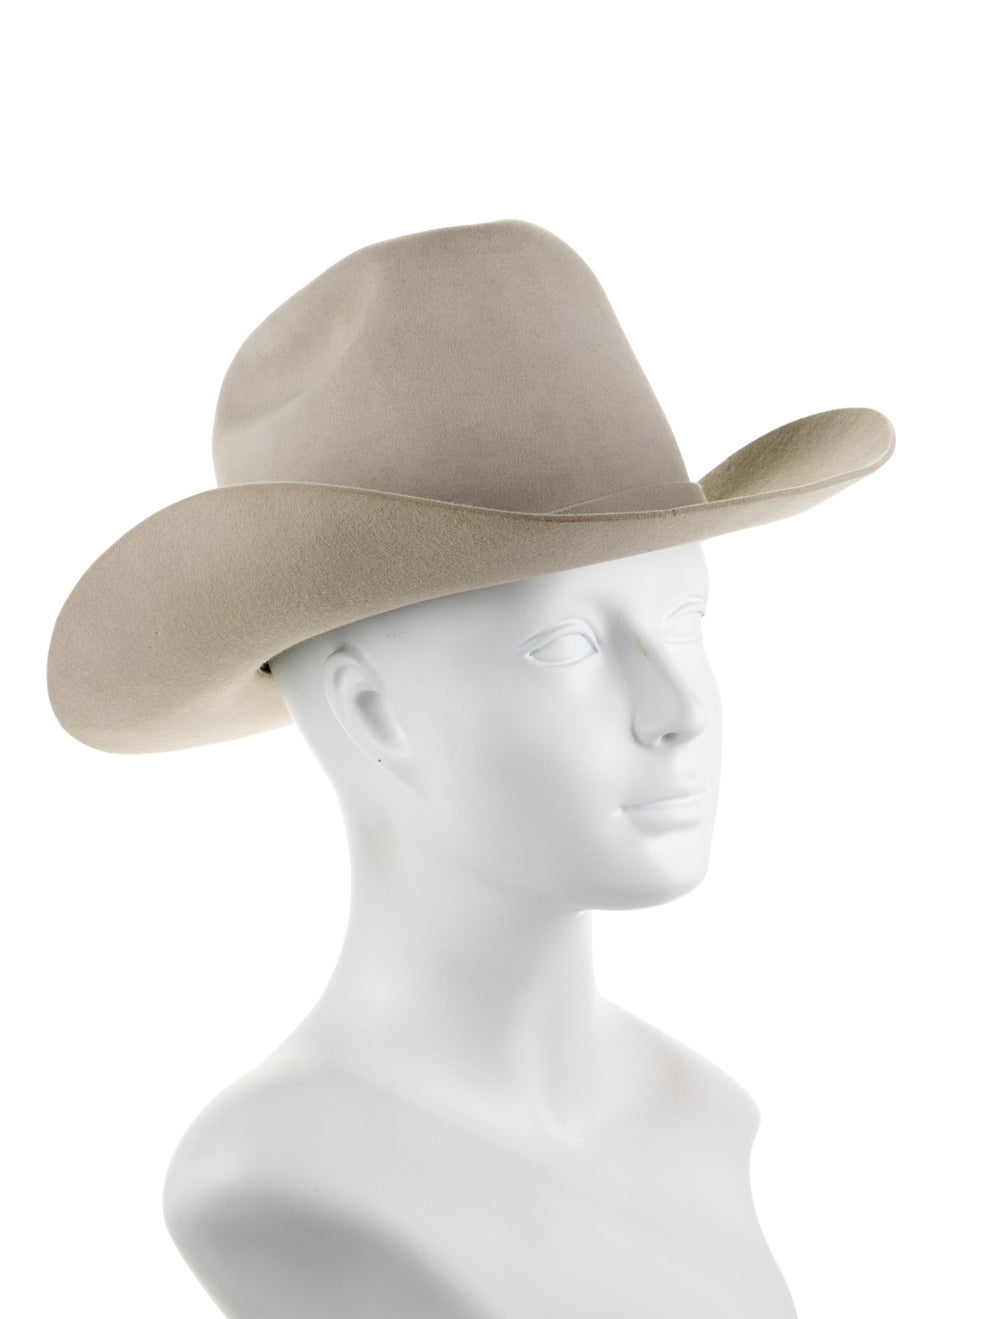 Stetson Wide Brim Hat grey - image 3